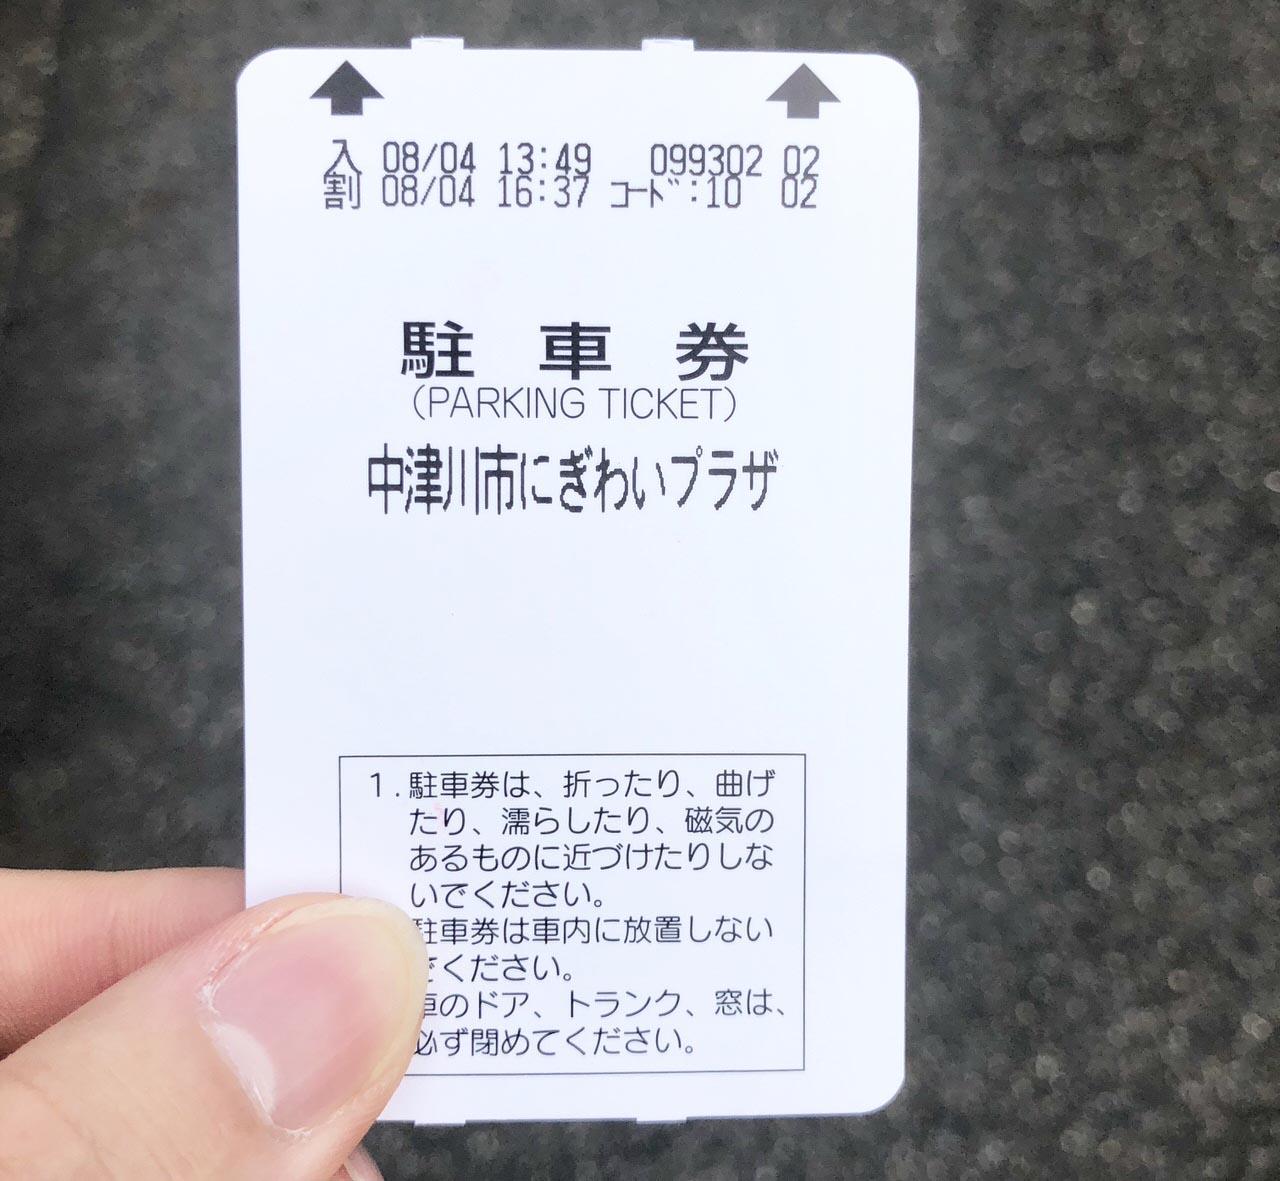 にぎわいプラザの駐車場券